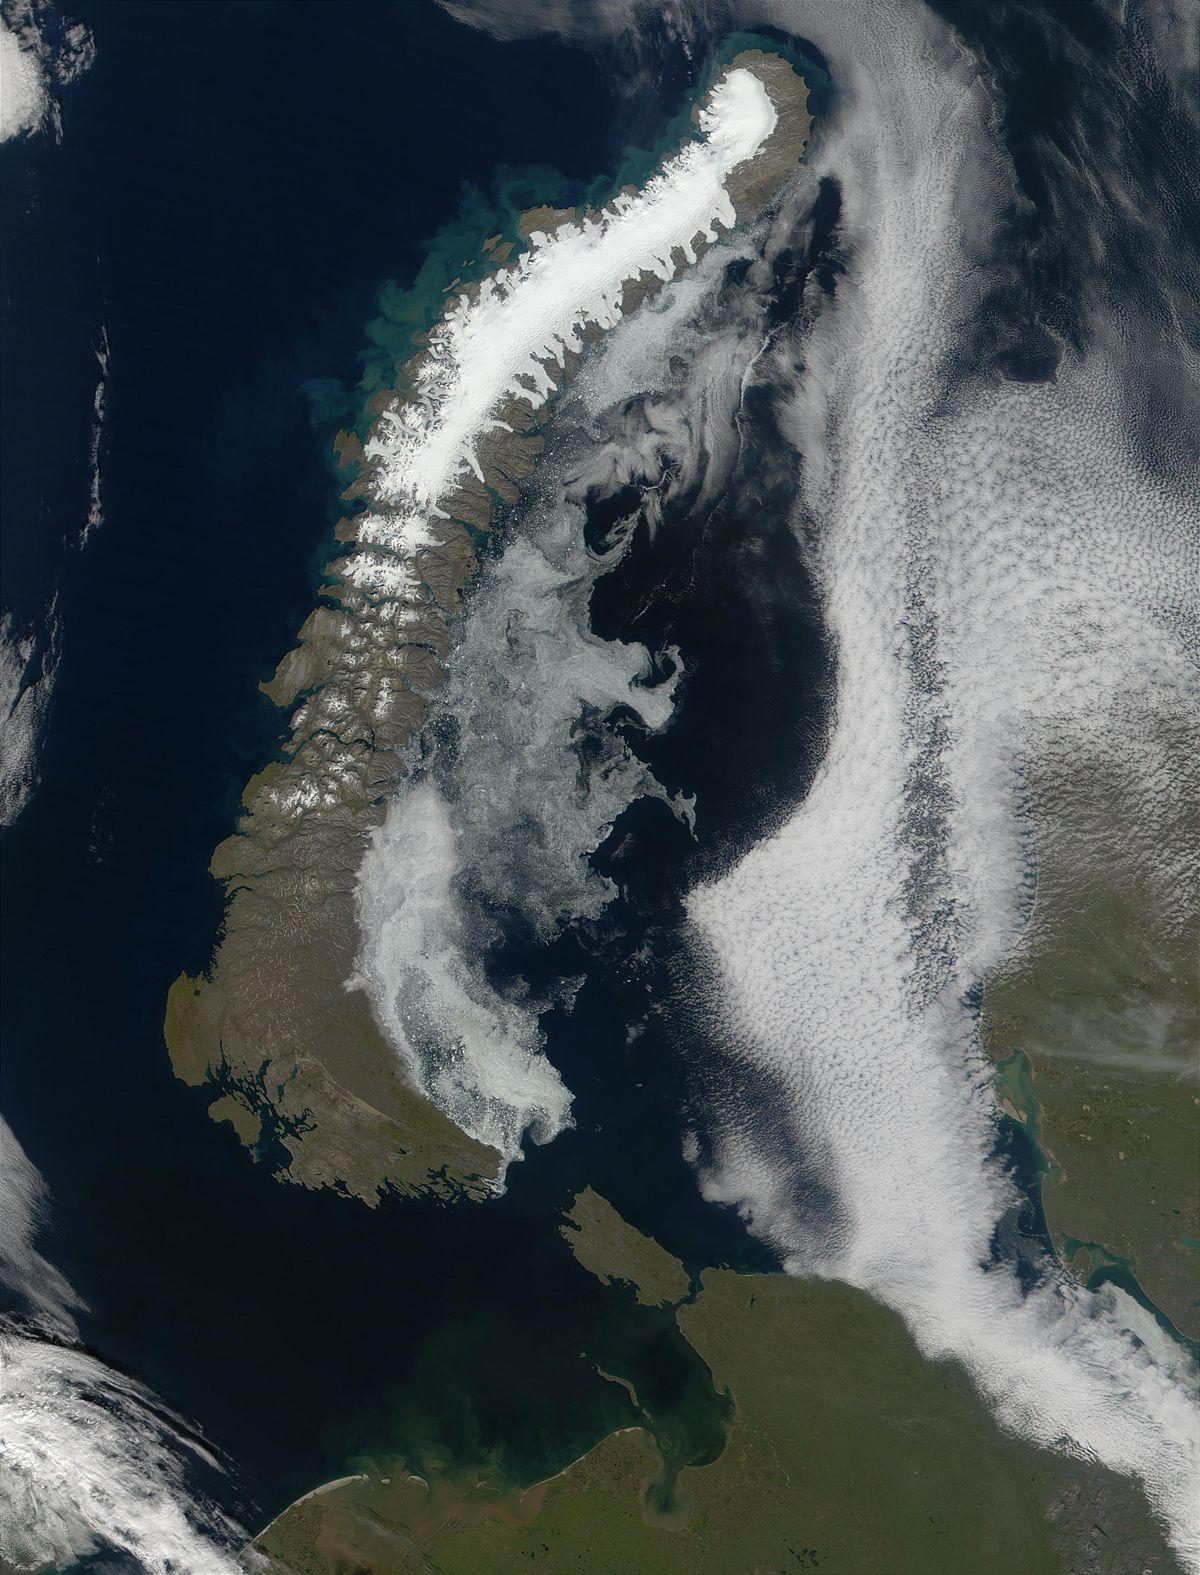 Ледяная шапка Северного острова